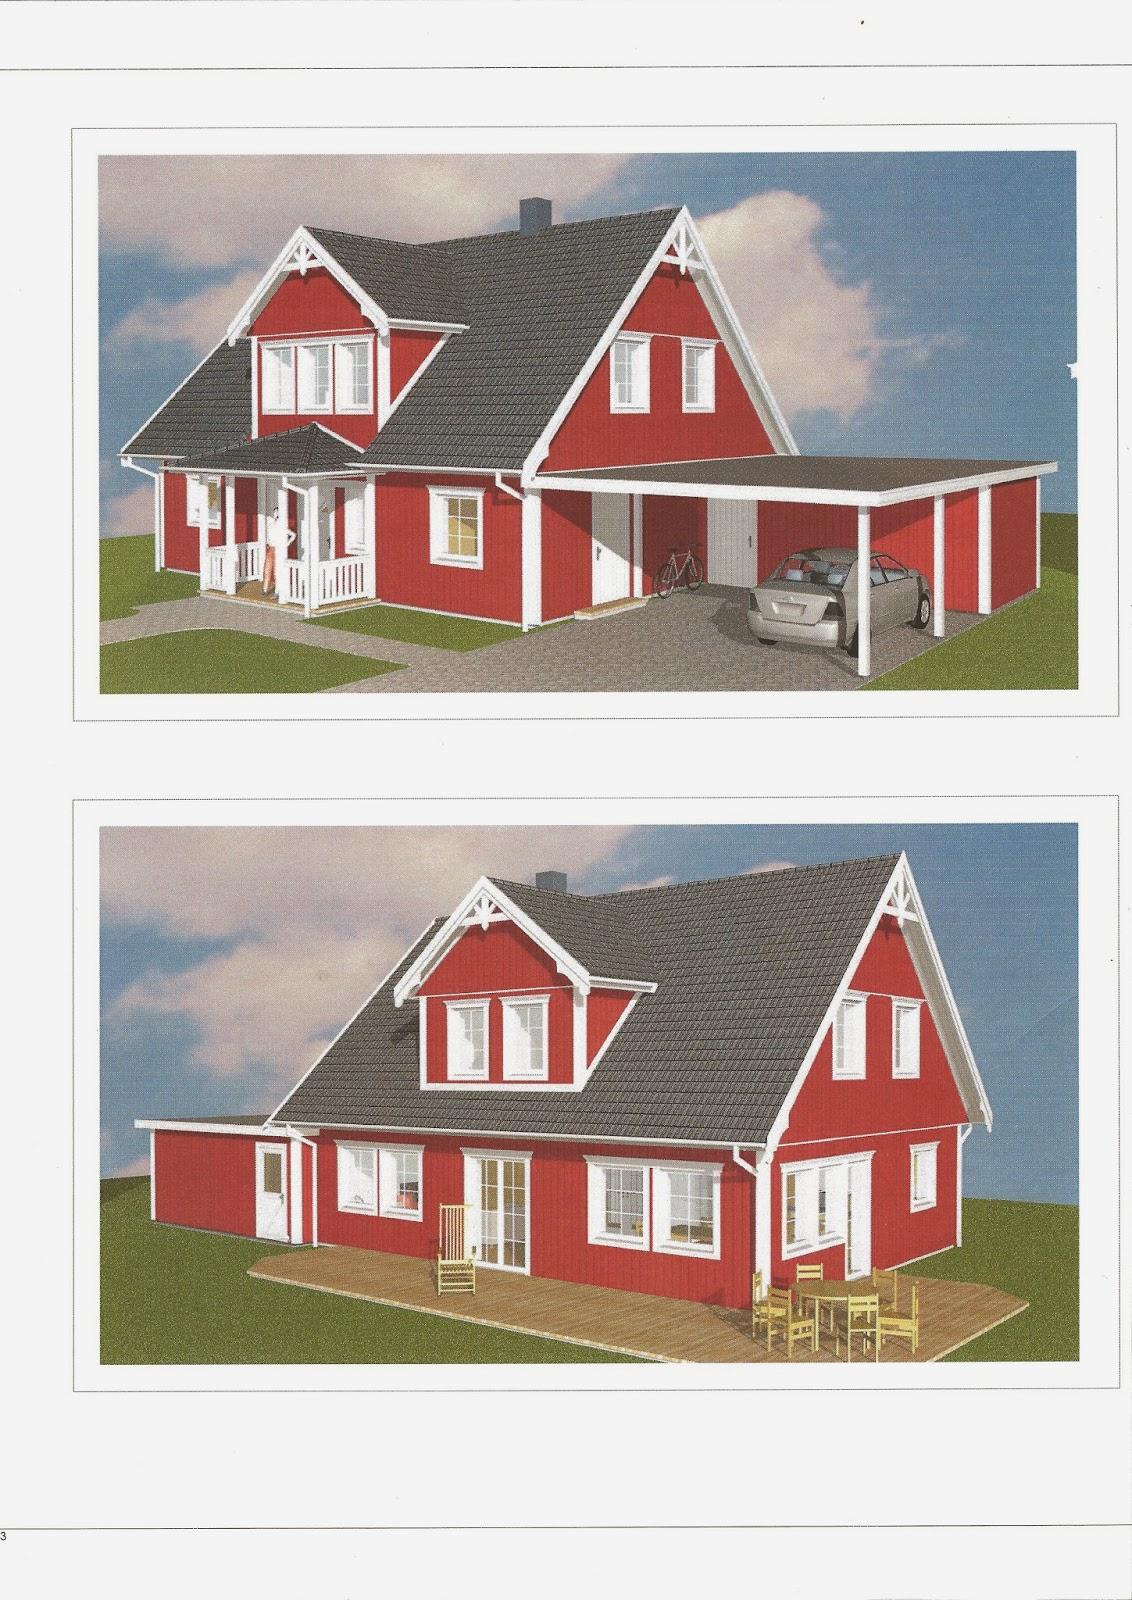 kleine lotta unser schwedenhaus unser 1 eigener blog. Black Bedroom Furniture Sets. Home Design Ideas